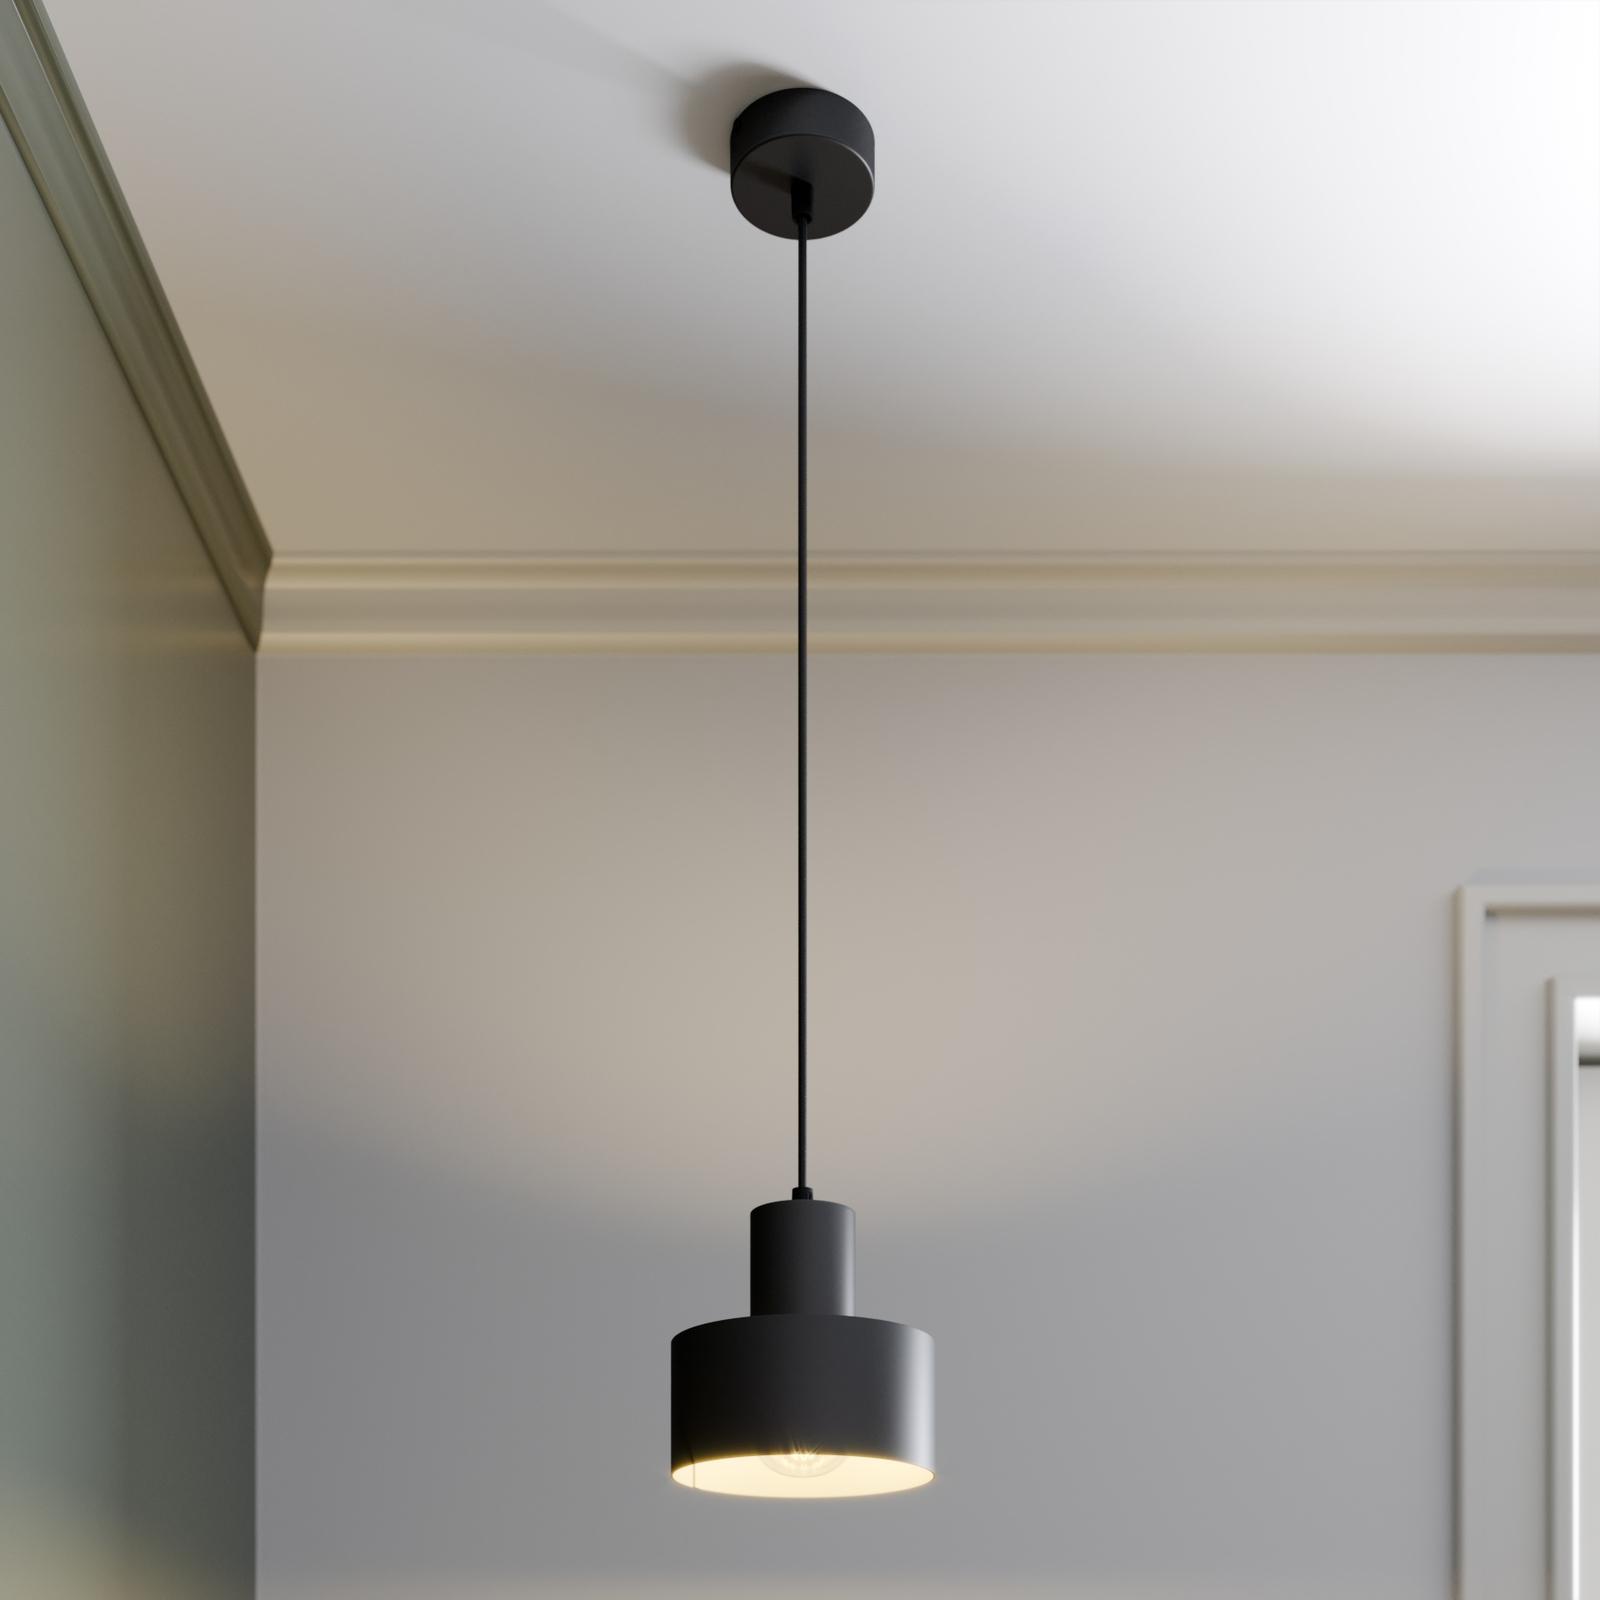 Závěsné světlo Rif z kovu, černé, Ø 15 cm